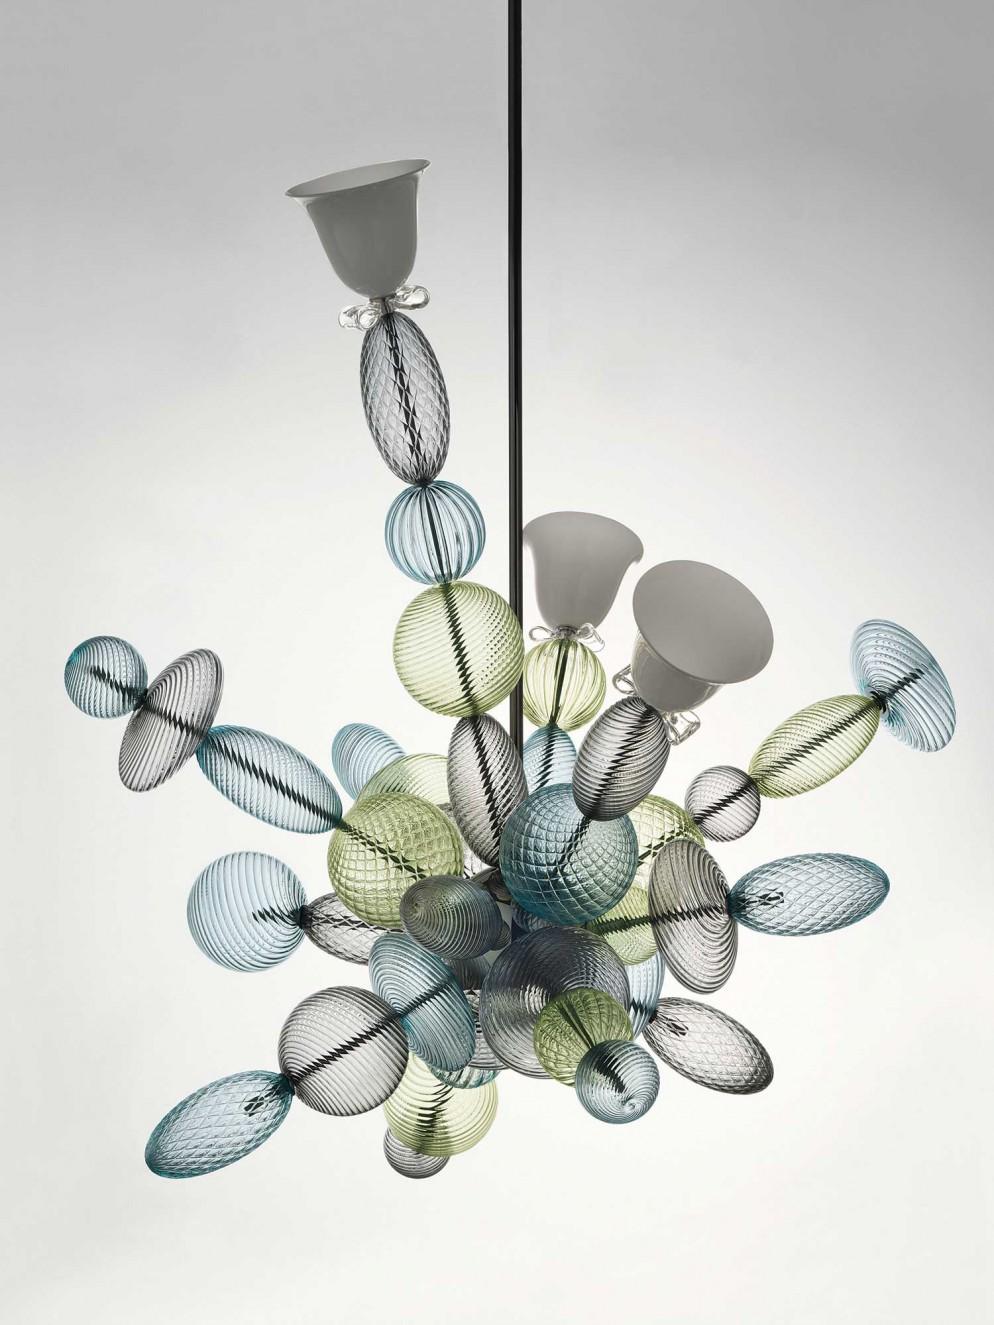 lampadari-di-cristallo-Barovier-and-Toso-perseus